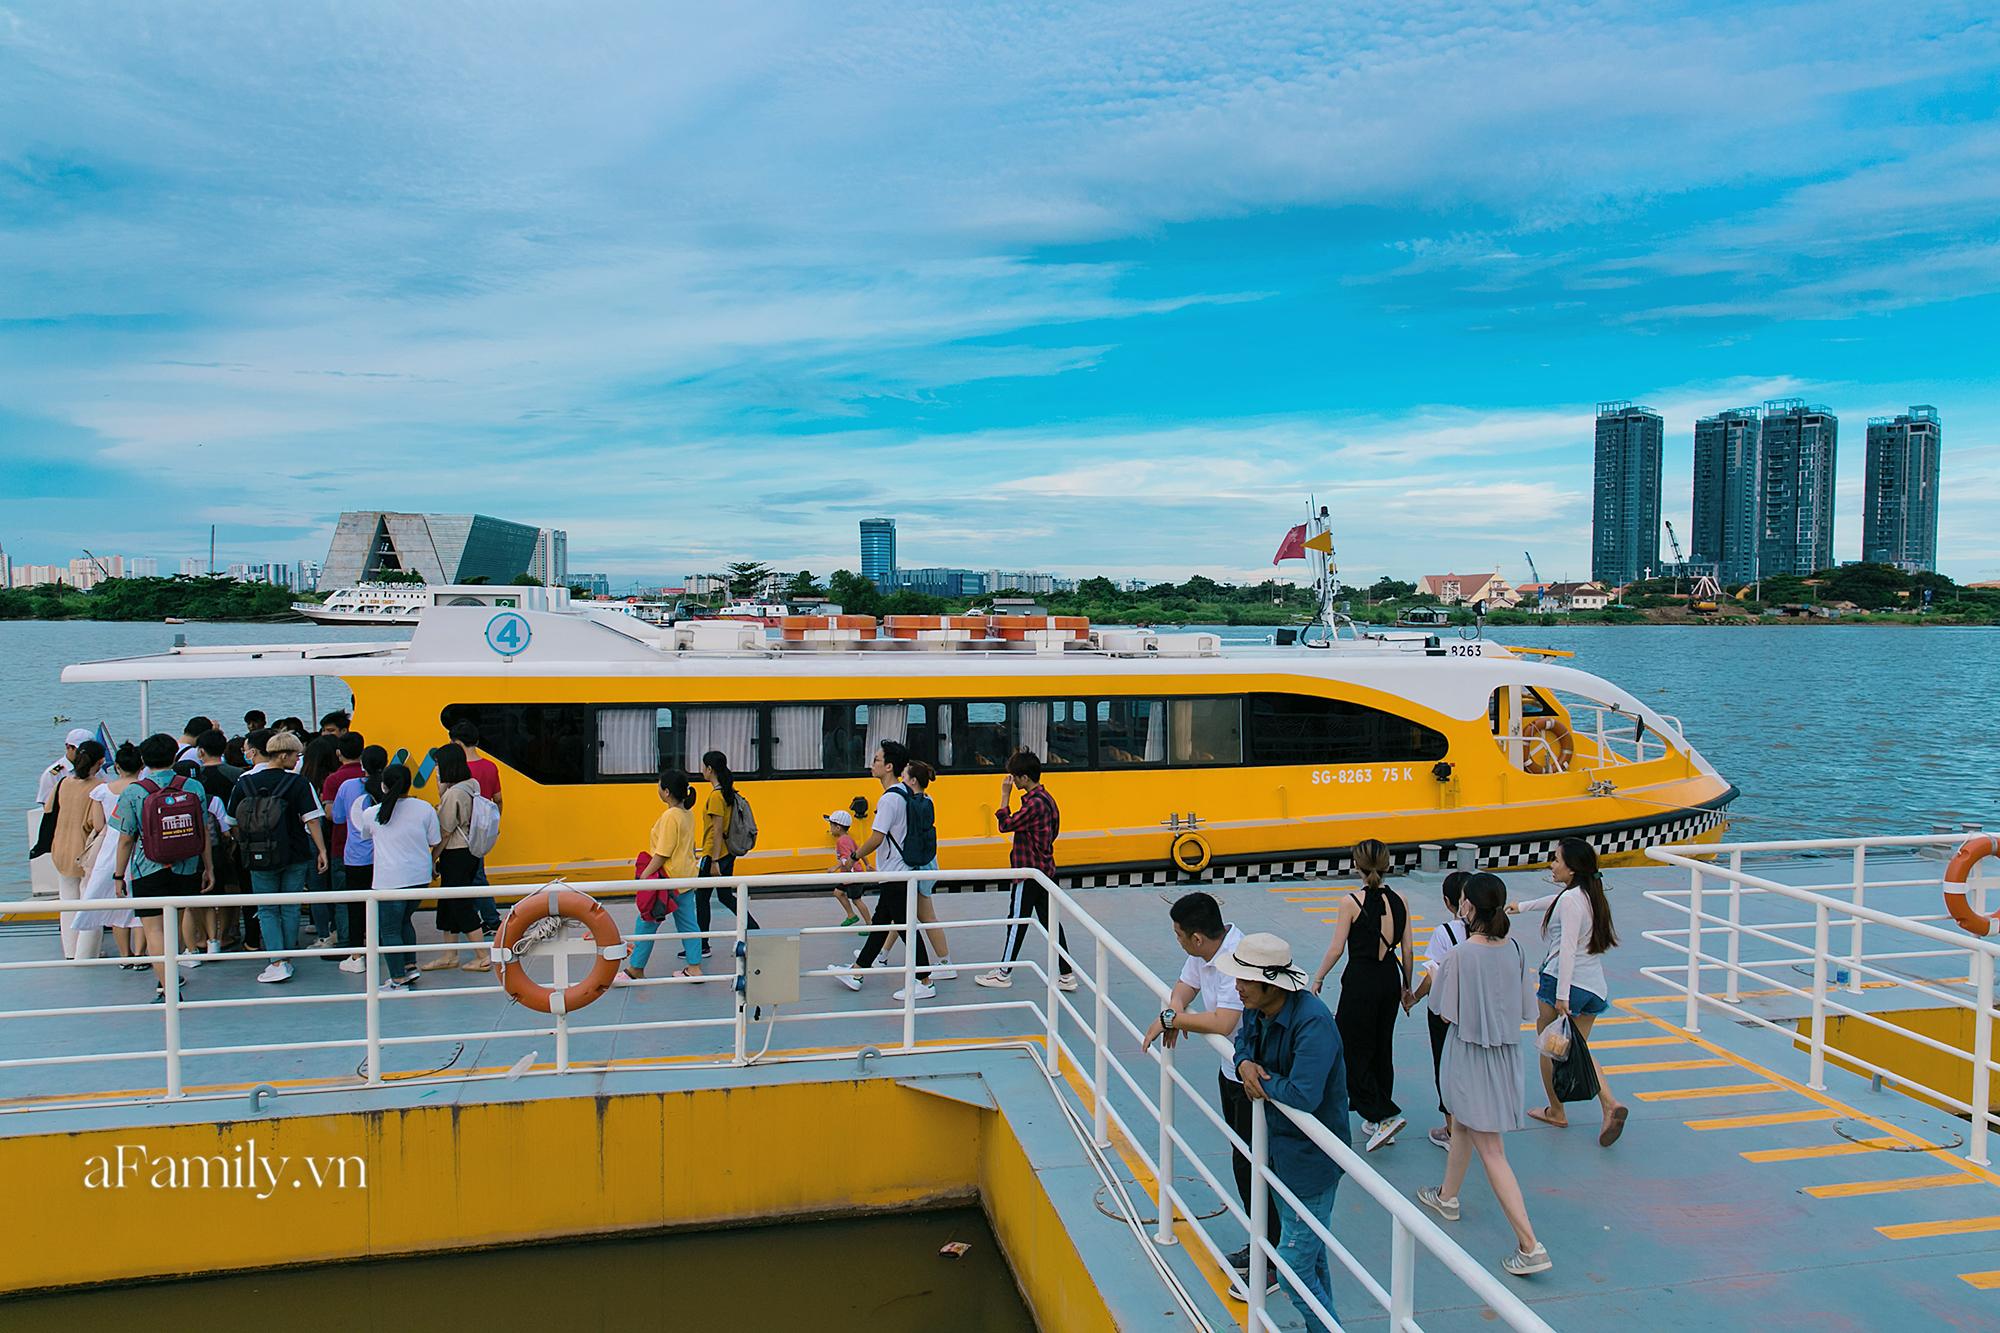 """Bất ngờ về """"3 cái khủng"""" của bus tàu thủy tại bến Bạch Đằng, sau 3 năm khánh thành vẫn luôn có hàng trăm người chờ mỗi ngày để thấy được cảnh tượng có 1-0-2 này! - Ảnh 8."""